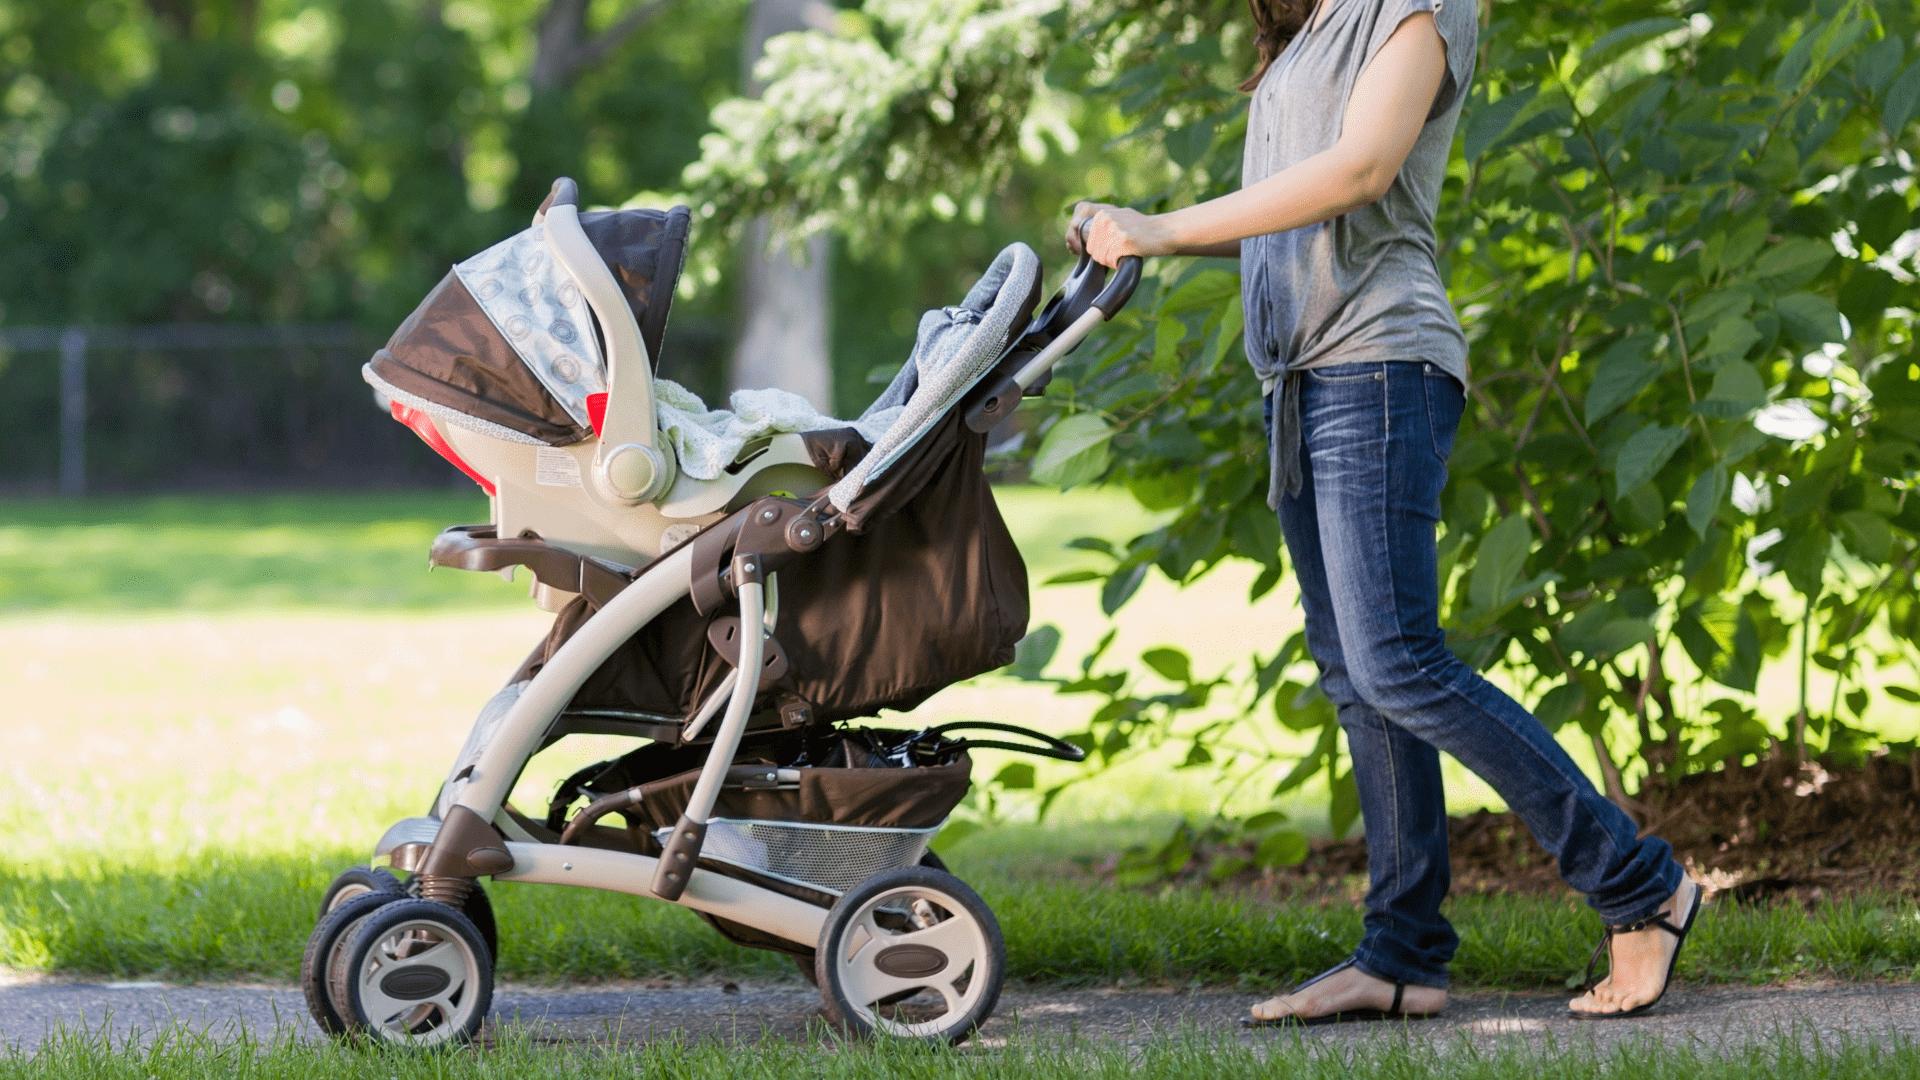 Veja a nossa seleção dos melhores carrinhos de bebê Chicco de 2021! (Imagem: Reprodução/Shutterstock)